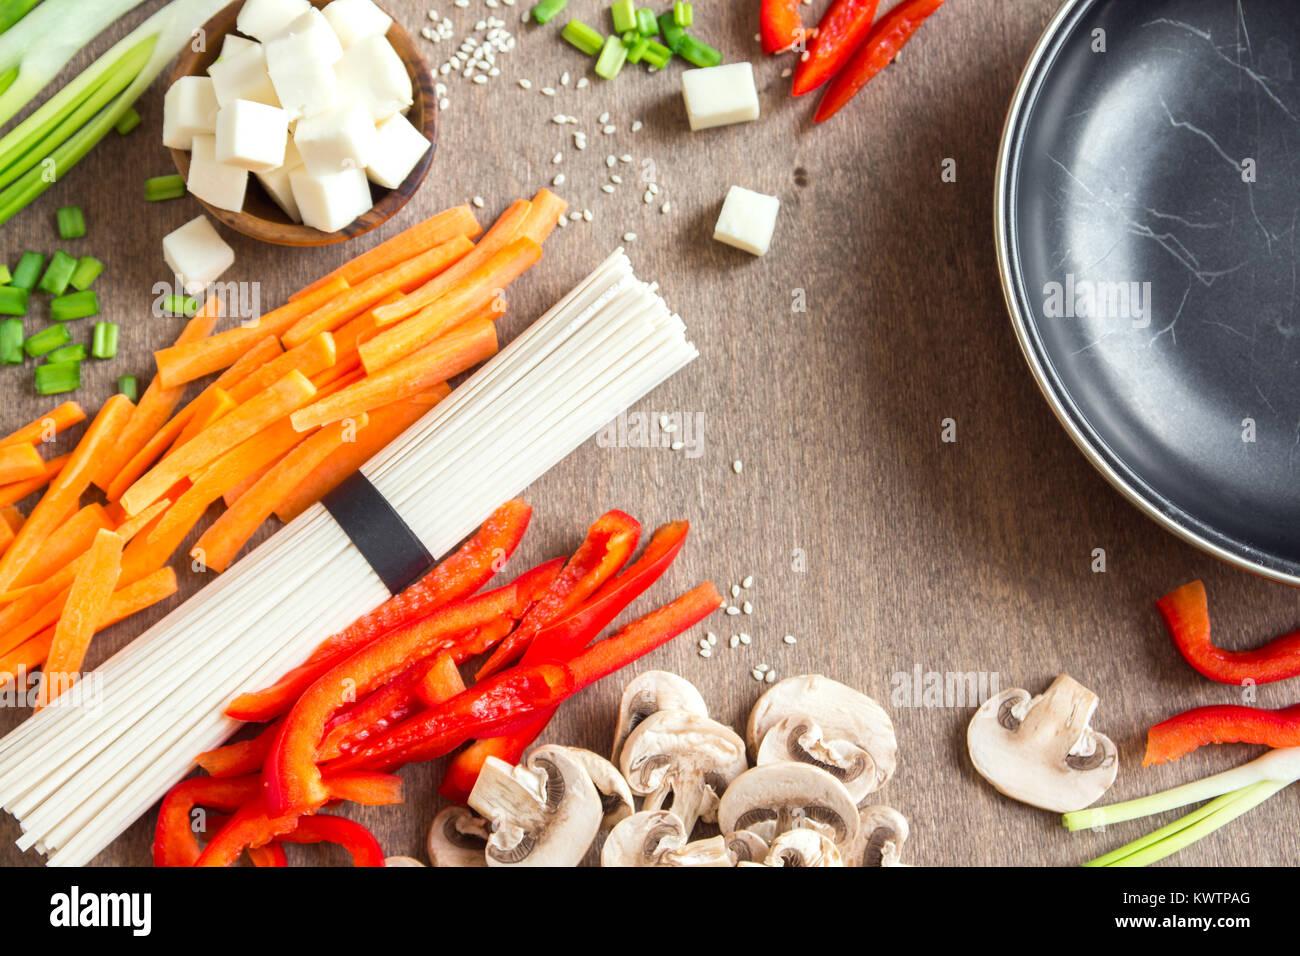 Végétalien végétarien ingrédients alimentaires asiatiques pour les sautés avec du Photo Stock